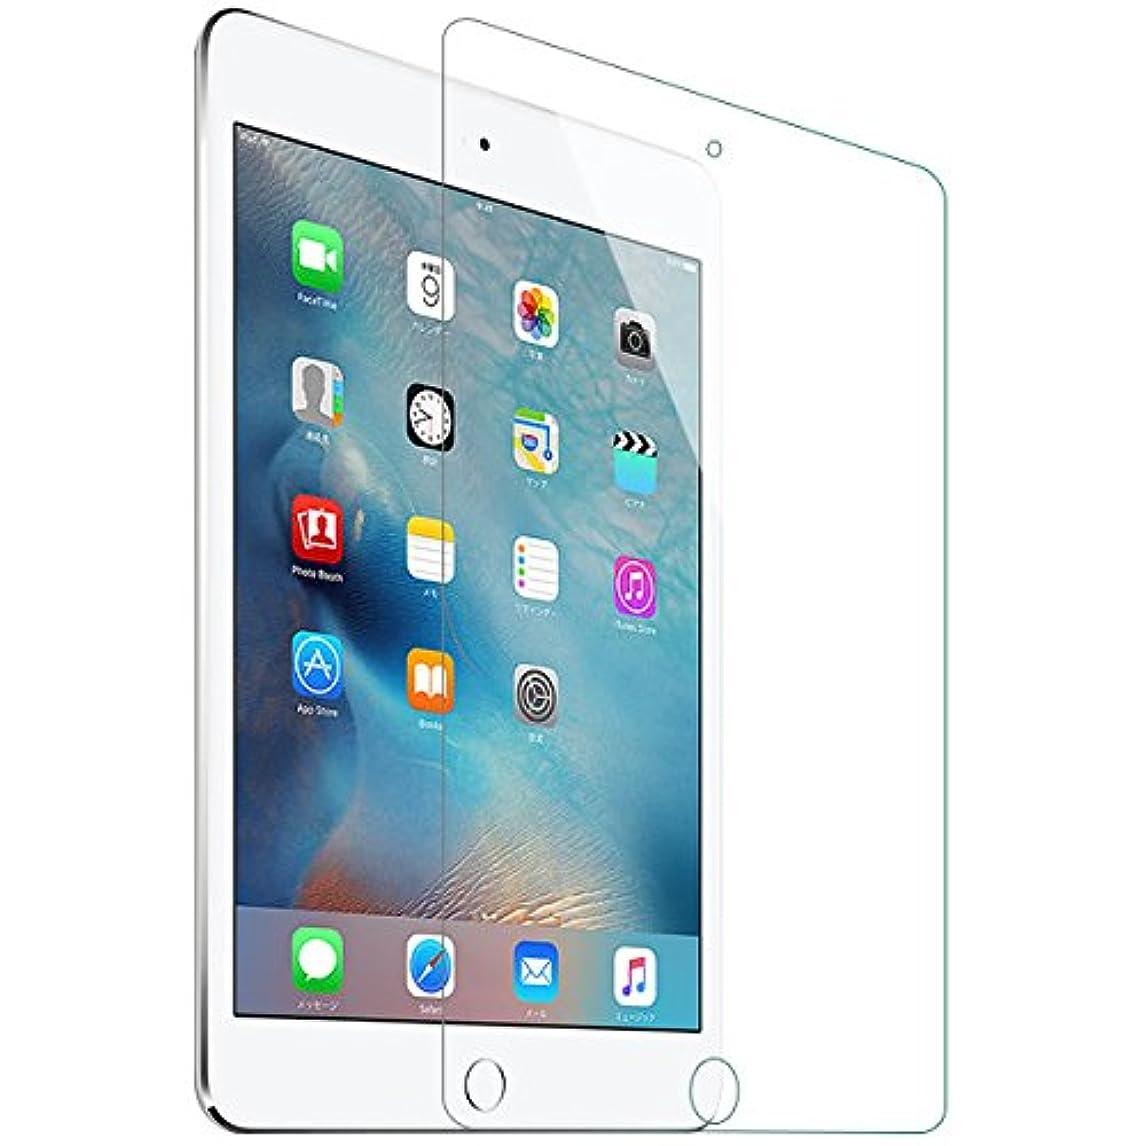 流用する大仲間iPad mini5 iPad mini4液晶保護フィルム (高光沢) [並行輸入品]